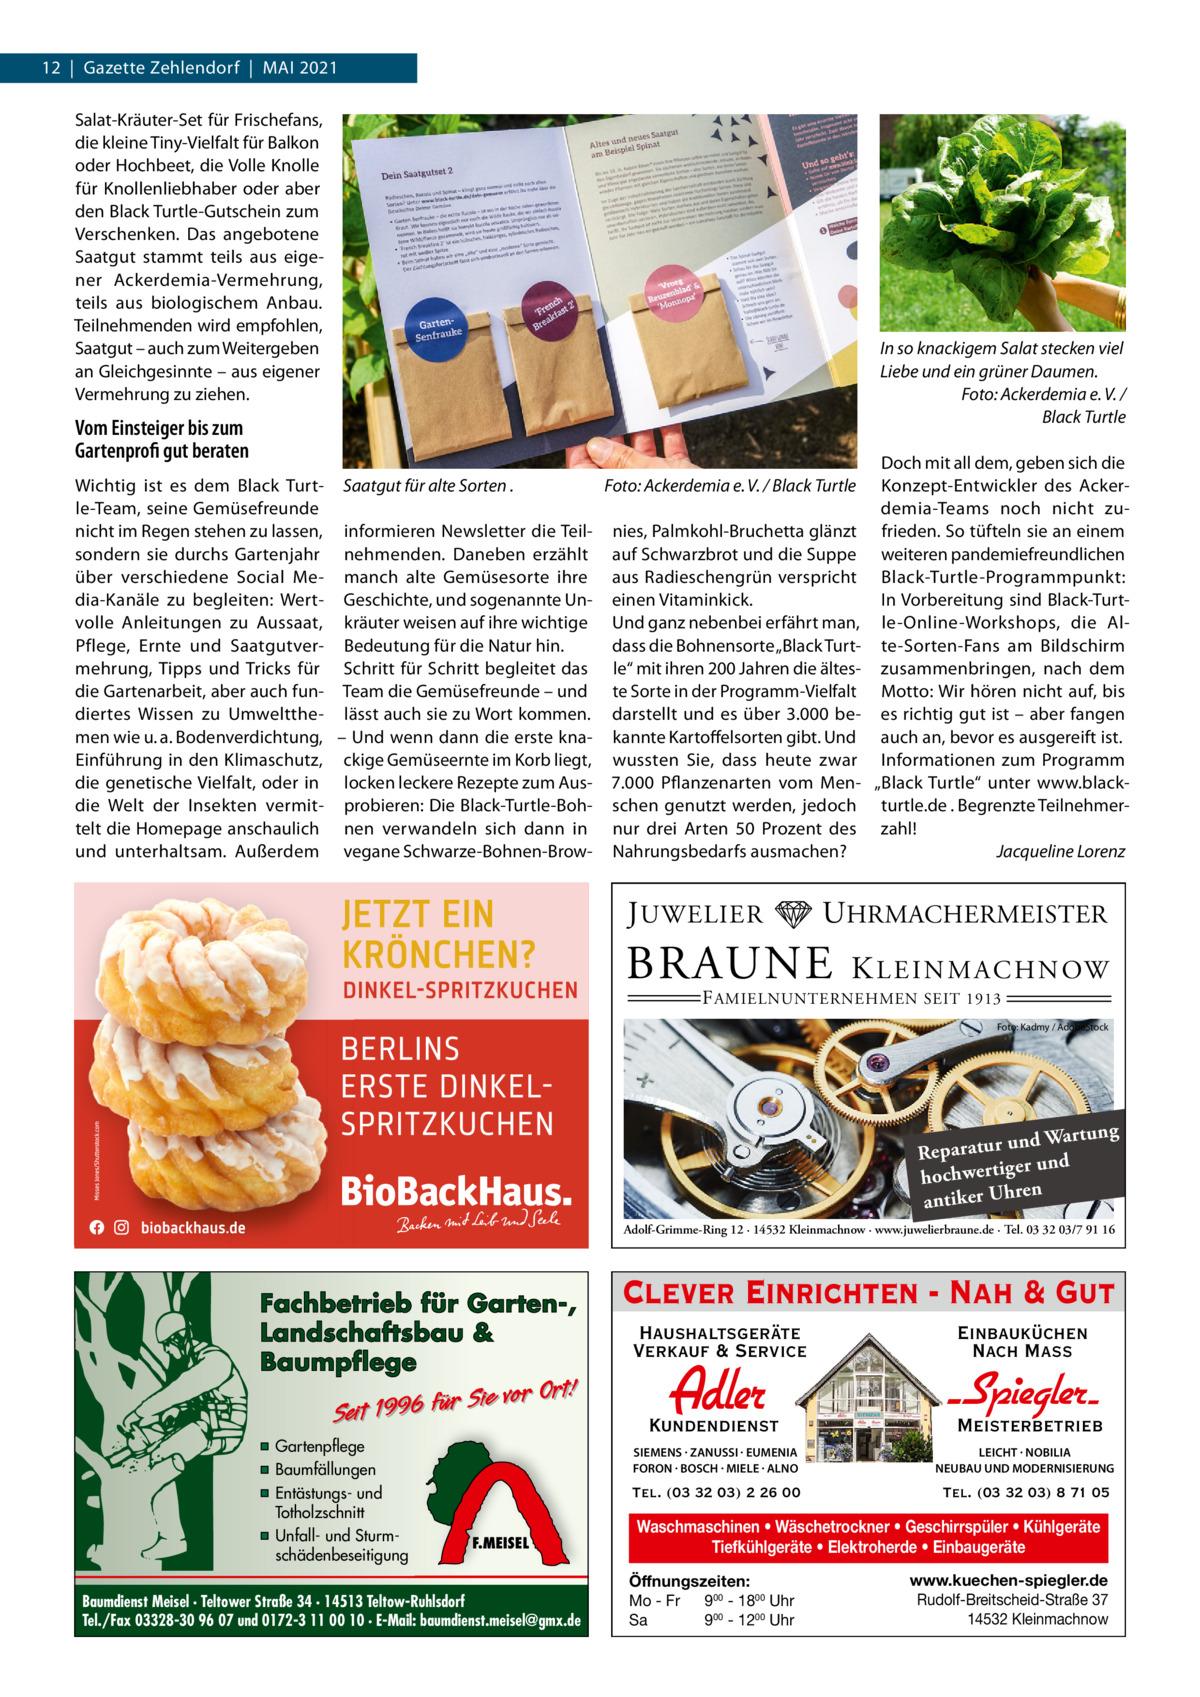 """12 Gazette Zehlendorf MAI 2021 Salat-Kräuter-Set für Frischefans, die kleine Tiny-Vielfalt für Balkon oder Hochbeet, die Volle Knolle für Knollenliebhaber oder aber den Black Turtle-Gutschein zum Verschenken. Das angebotene Saatgut stammt teils aus eigener Ackerdemia-Vermehrung, teils aus biologischem Anbau. Teilnehmenden wird empfohlen, Saatgut – auch zum Weitergeben an Gleichgesinnte – aus eigener Vermehrung zu ziehen.  In so knackigem Salat stecken viel Liebe und ein grüner Daumen. Foto: Ackerdemia e. V. / Black Turtle  Vom Einsteiger bis zum Gartenprofi gut beraten  Doch mit all dem, geben sich die Wichtig ist es dem Black Turt- Saatgut für alte Sorten . Foto: Ackerdemia e. V. / Black Turtle Konzept-Entwickler des Ackerle-Team, seine Gemüsefreunde demia-Teams noch nicht zunicht im Regen stehen zu lassen, informieren Newsletter die Teil- nies, Palmkohl-Bruchetta glänzt frieden. So tüfteln sie an einem sondern sie durchs Gartenjahr nehmenden. Daneben erzählt auf Schwarzbrot und die Suppe weiteren pandemiefreundlichen über verschiedene Social Me- manch alte Gemüsesorte ihre aus Radieschengrün verspricht Black-Turtle-Programmpunkt: In Vorbereitung sind Black-Turtdia-Kanäle zu begleiten: Wert- Geschichte, und sogenannte Un- einen Vitaminkick. volle Anleitungen zu Aussaat, kräuter weisen auf ihre wichtige Und ganz nebenbei erfährt man, le-Online-Workshops, die Aldass die Bohnensorte """"Black Turt- te-Sorten-Fans am Bildschirm Pflege, Ernte und Saatgutver- Bedeutung für die Natur hin. mehrung, Tipps und Tricks für Schritt für Schritt begleitet das le"""" mit ihren 200Jahren die ältes- zusammenbringen, nach dem die Gartenarbeit, aber auch fun- Team die Gemüsefreunde – und te Sorte in der Programm-Vielfalt Motto: Wir hören nicht auf, bis diertes Wissen zu Umweltthe- lässt auch sie zu Wort kommen. darstellt und es über 3.000 be- es richtig gut ist – aber fangen men wie u. a. Bodenverdichtung, – Und wenn dann die erste kna- kannte Kartoffelsorten gibt. Und auch an, bevor es aus"""